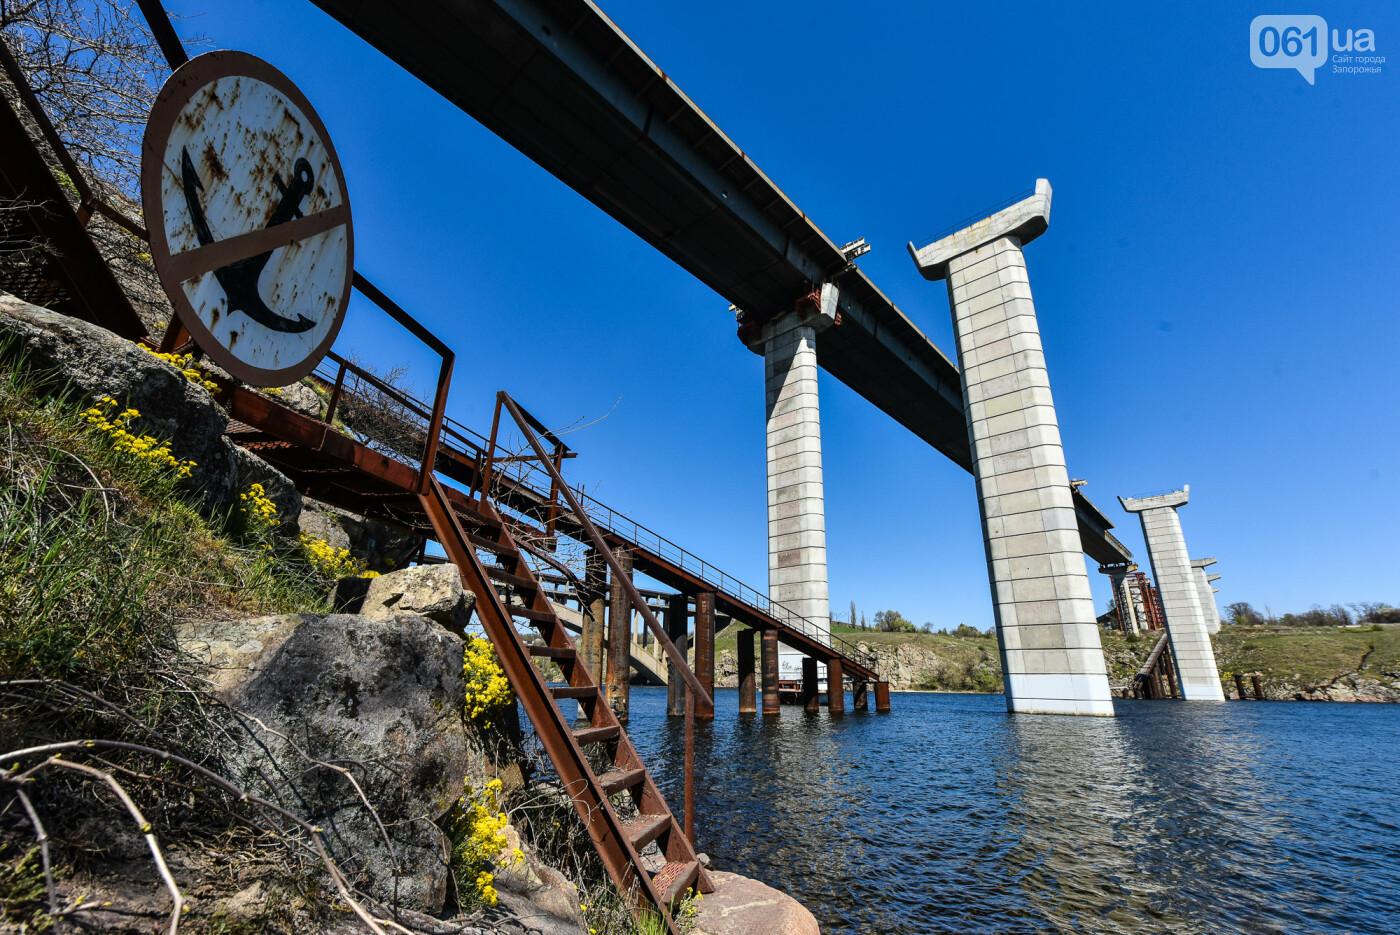 На запорожские мосты выделено 2,7 миллиарда: что сейчас проиходит стройплощадке, - ФОТОРЕПОРТАЖ, фото-39